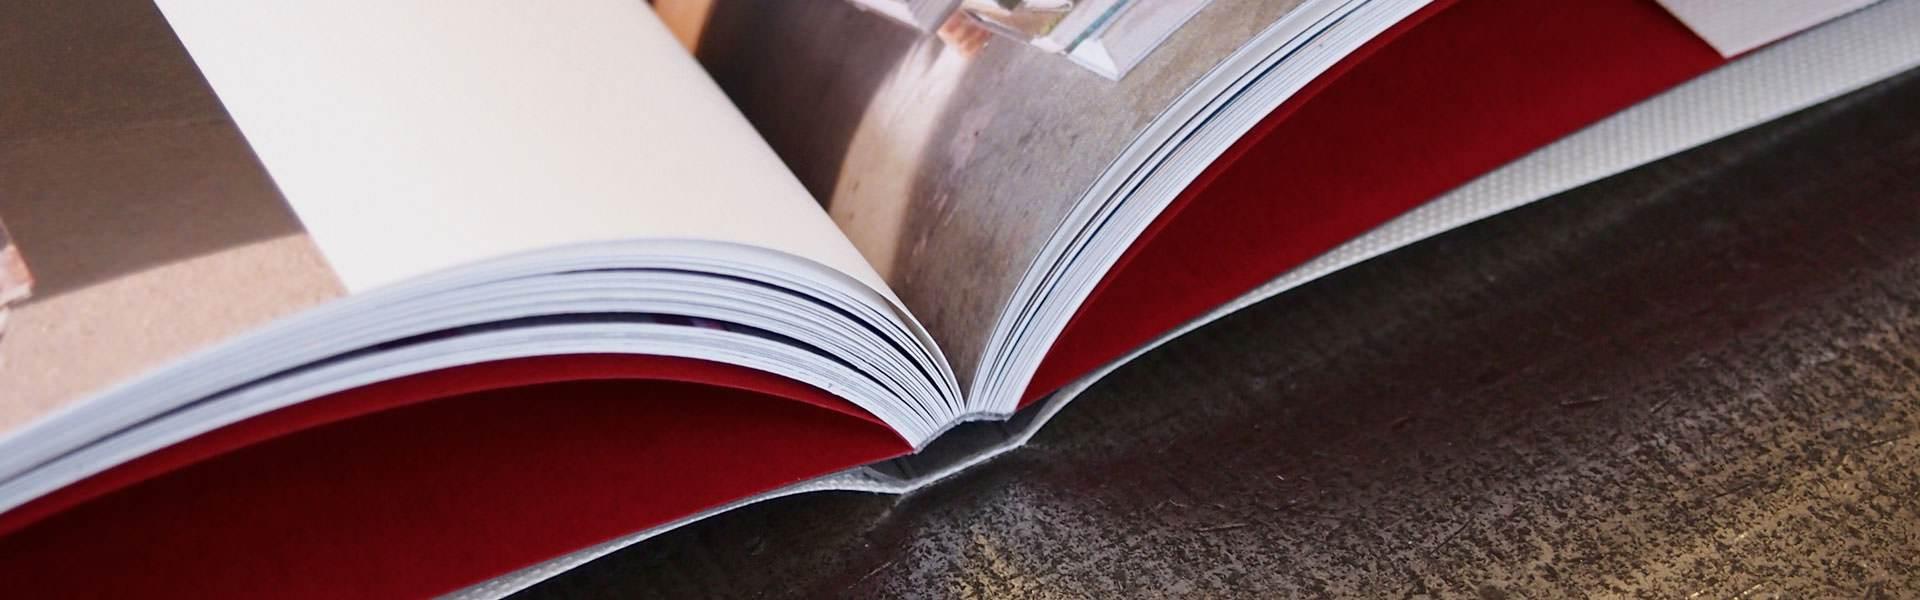 Diplomarbeit - Buchbinderei Papierhandwerk